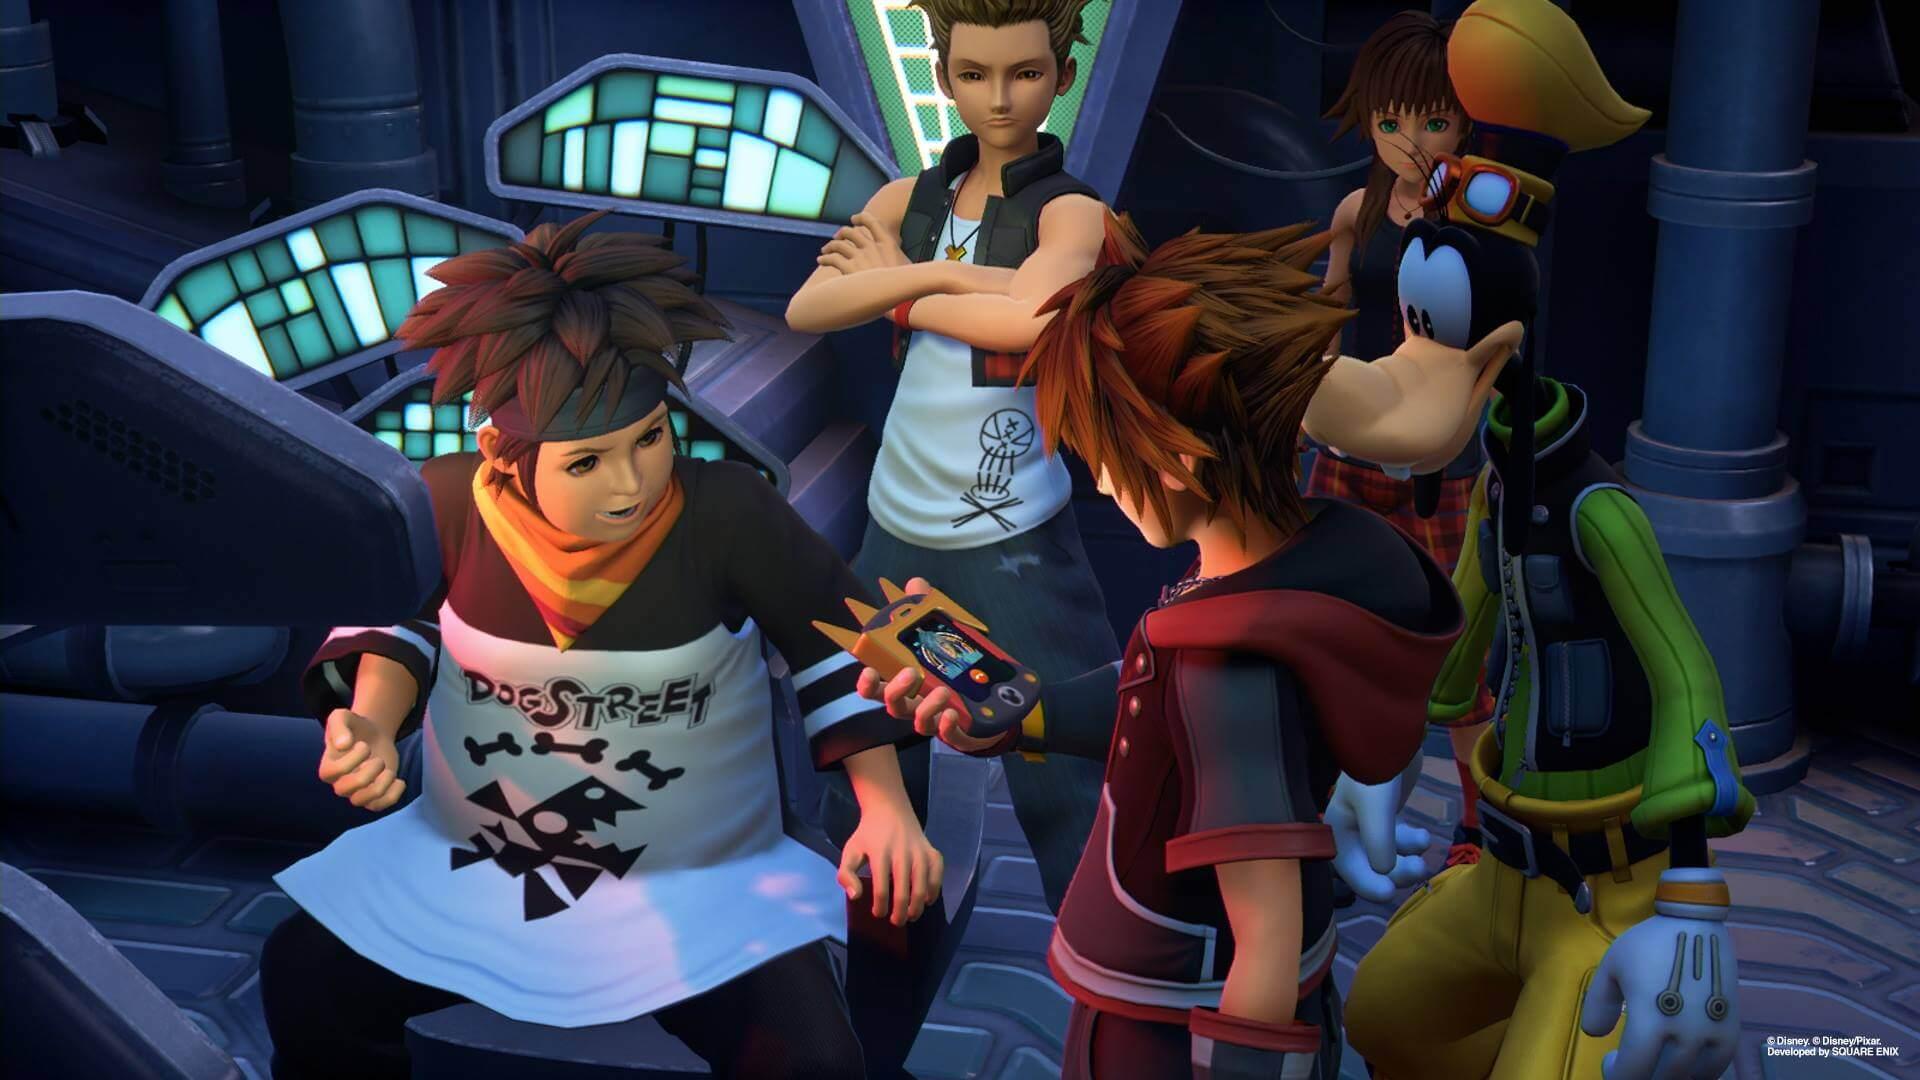 Protagonistas de Kingdom Hearts III